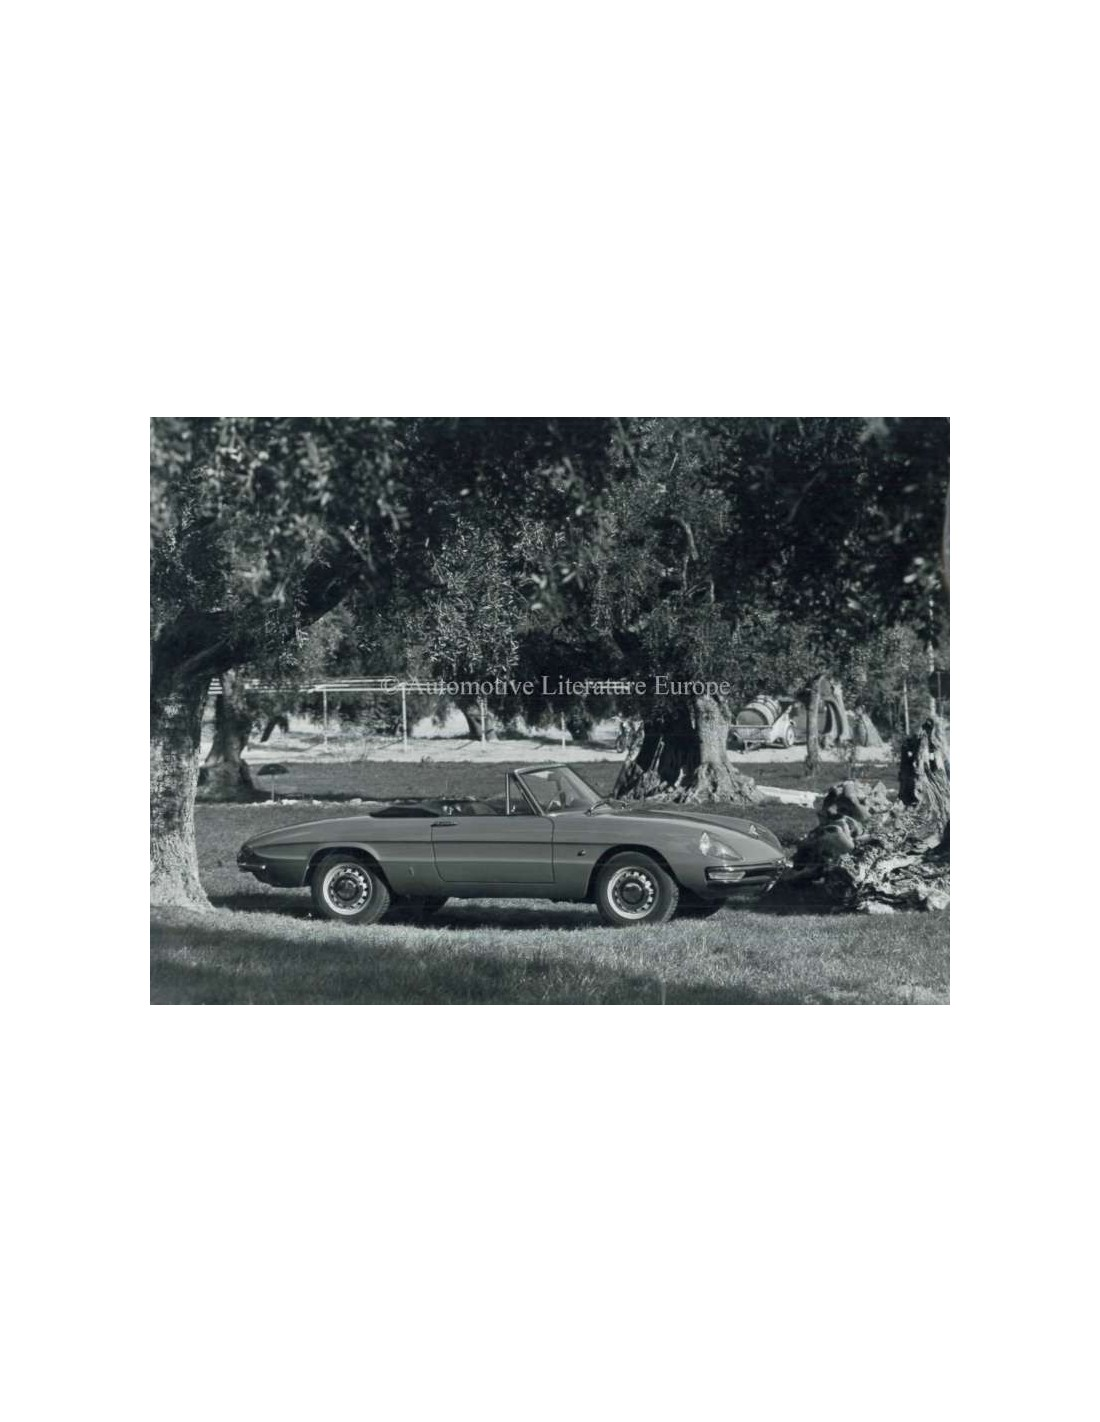 1967 ALFA ROMEO SPIDER 1750 VELOCE PRESS PHOTO